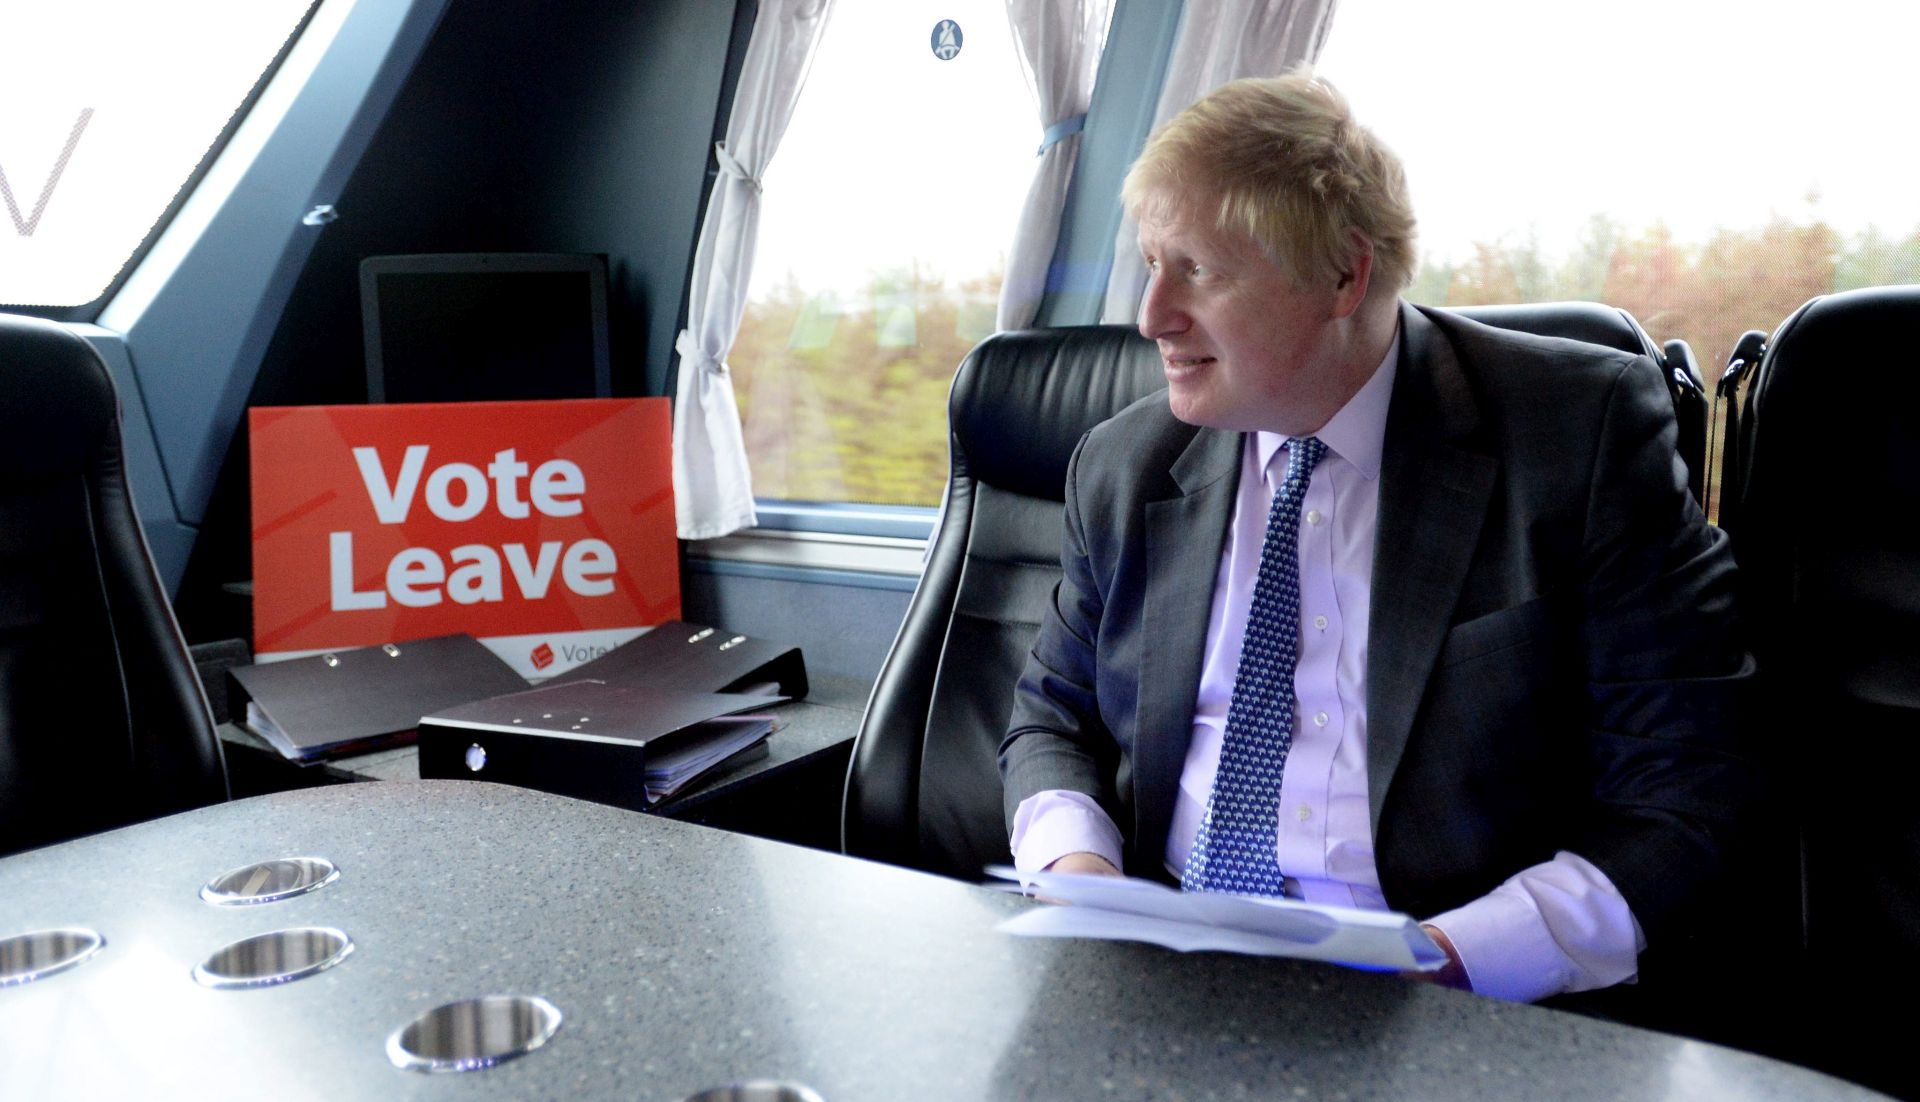 OPTUŽBE BORISU JOHNSONU: 'U kampanji je puno lagao Britancima, sad više nema uzmicanja'